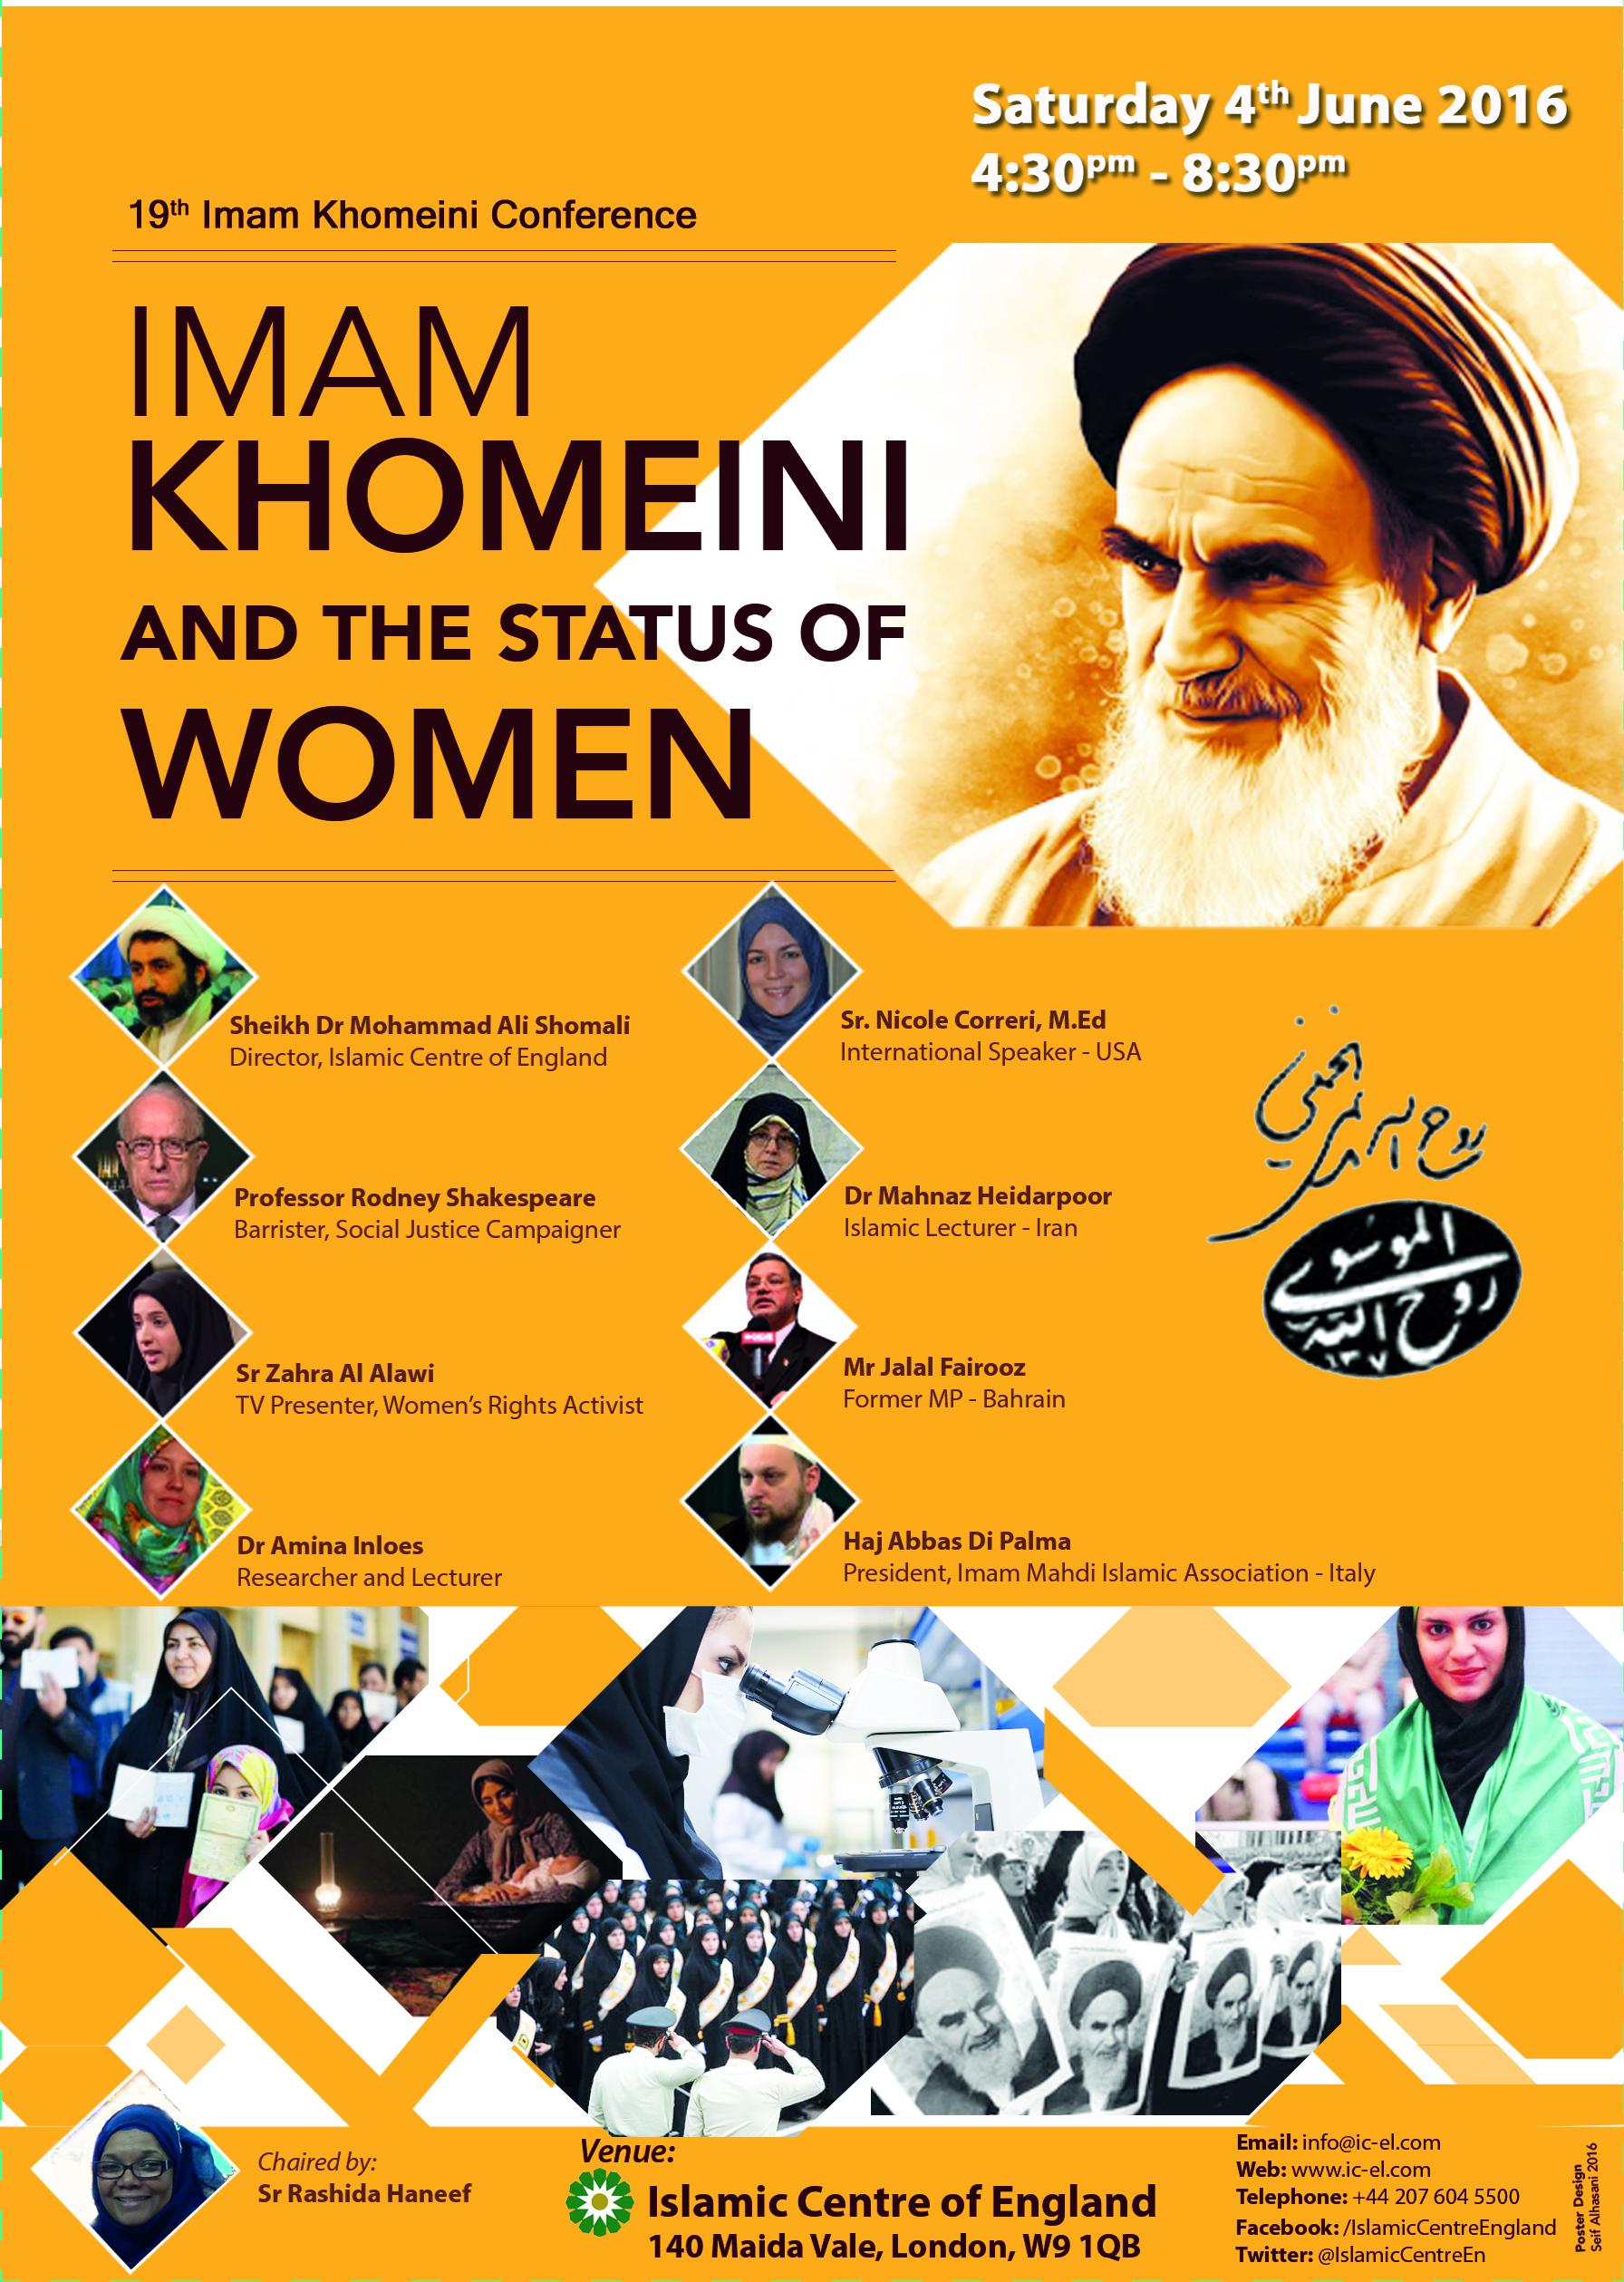 Imam khomeini conf